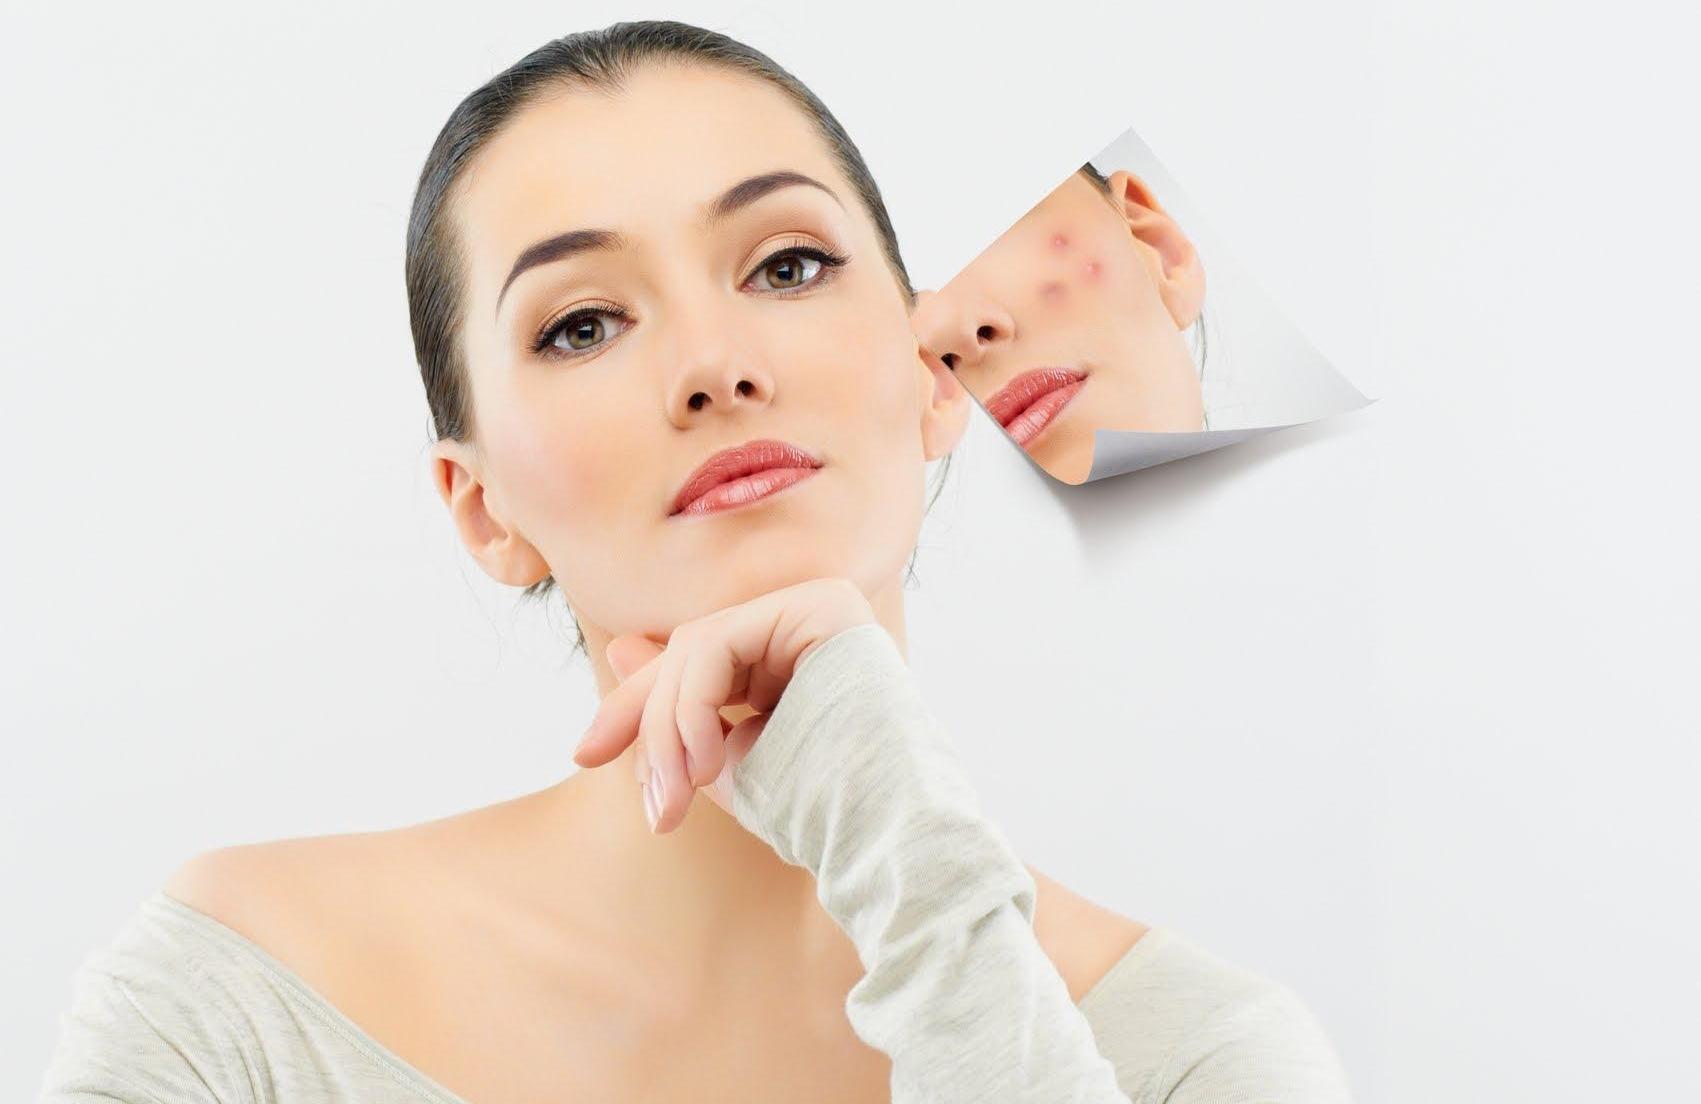 Những điều cần lưu ý khi chăm sóc da bị mụn